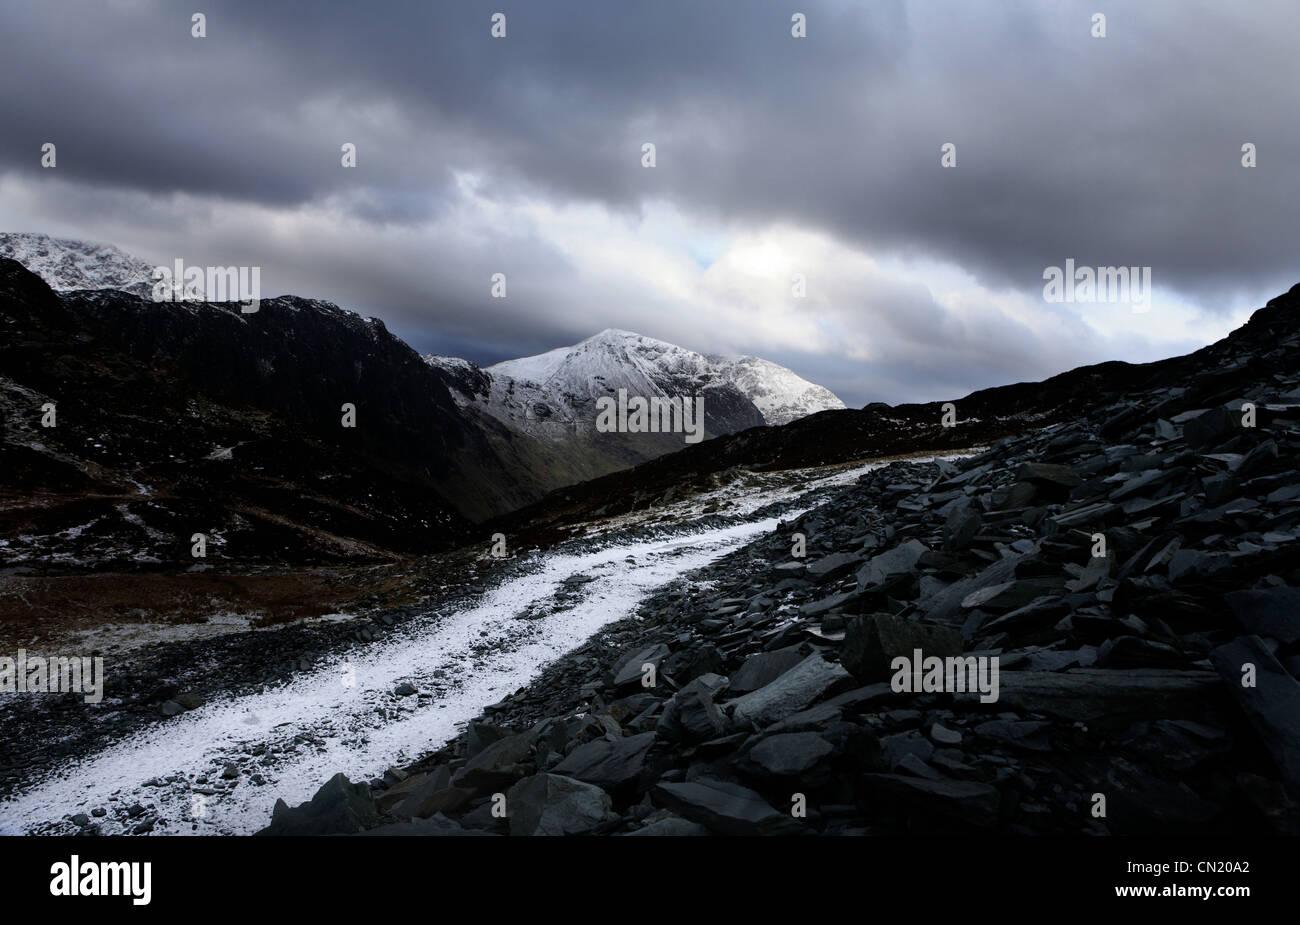 La nieve y el camino de montaña, Cumbria, Lake District, Inglaterra, Reino Unido. Imagen De Stock